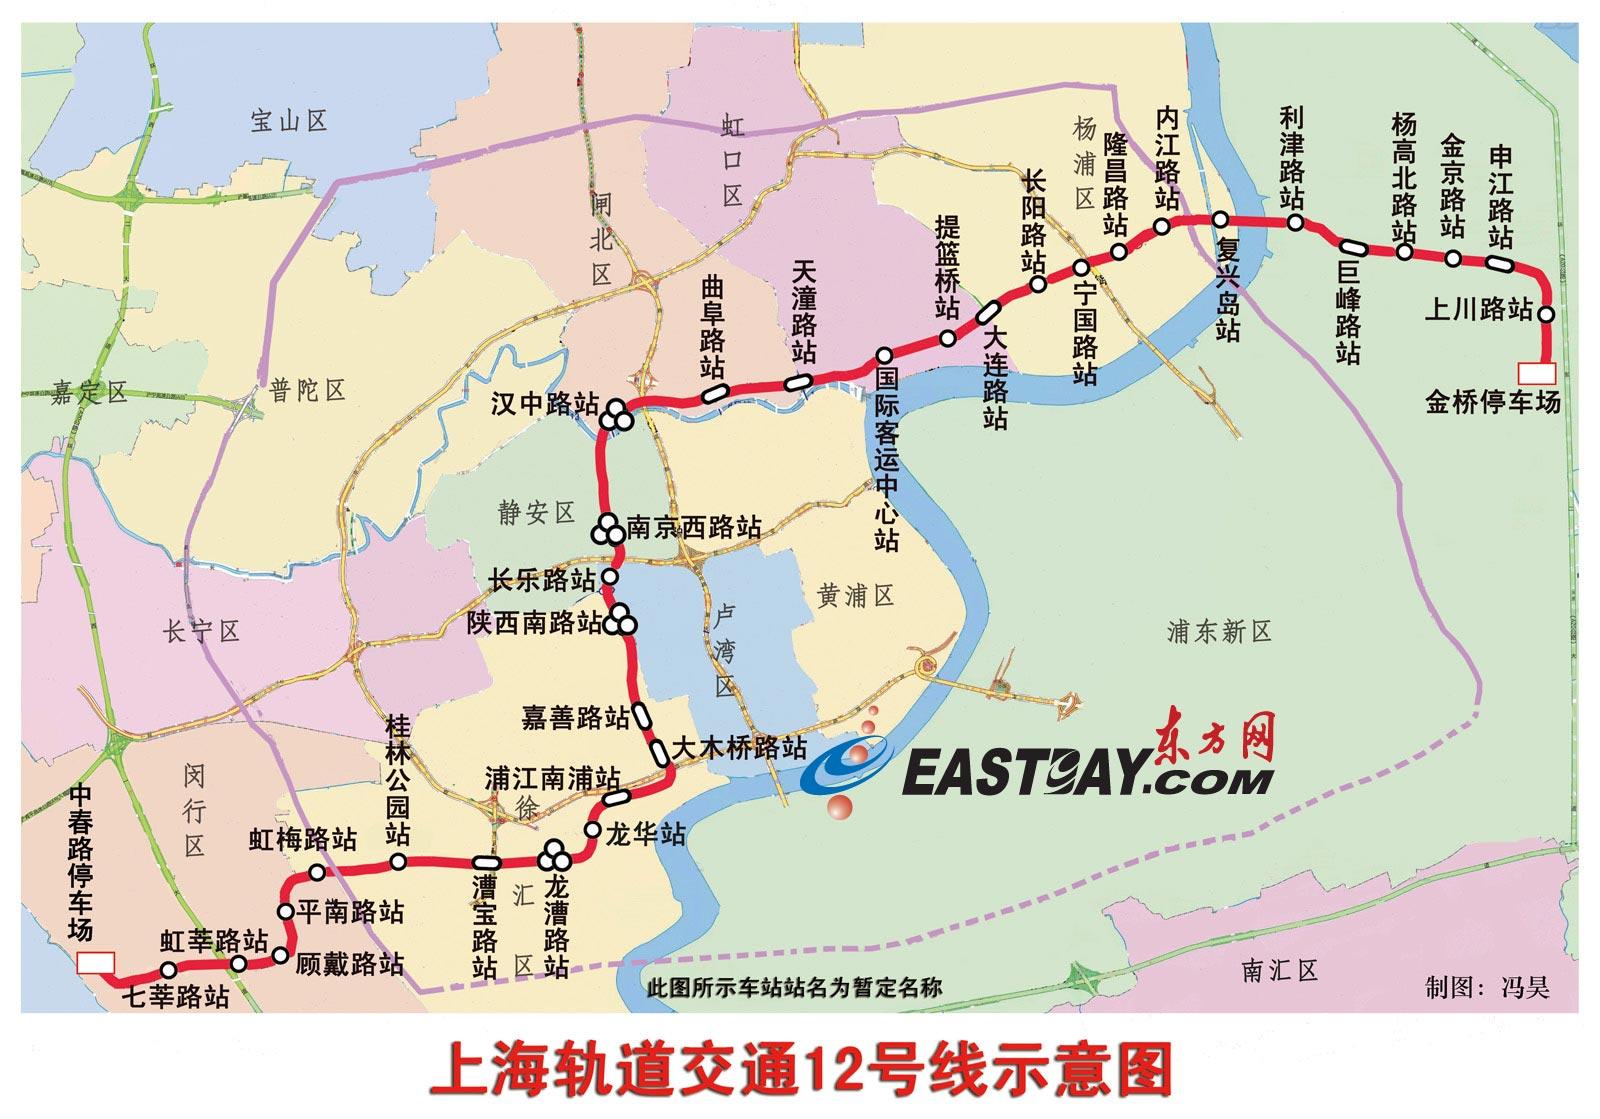 本月28日西安地铁二号线.-12号线地铁线路图| 次 时间: 图片 244.jpg 图片